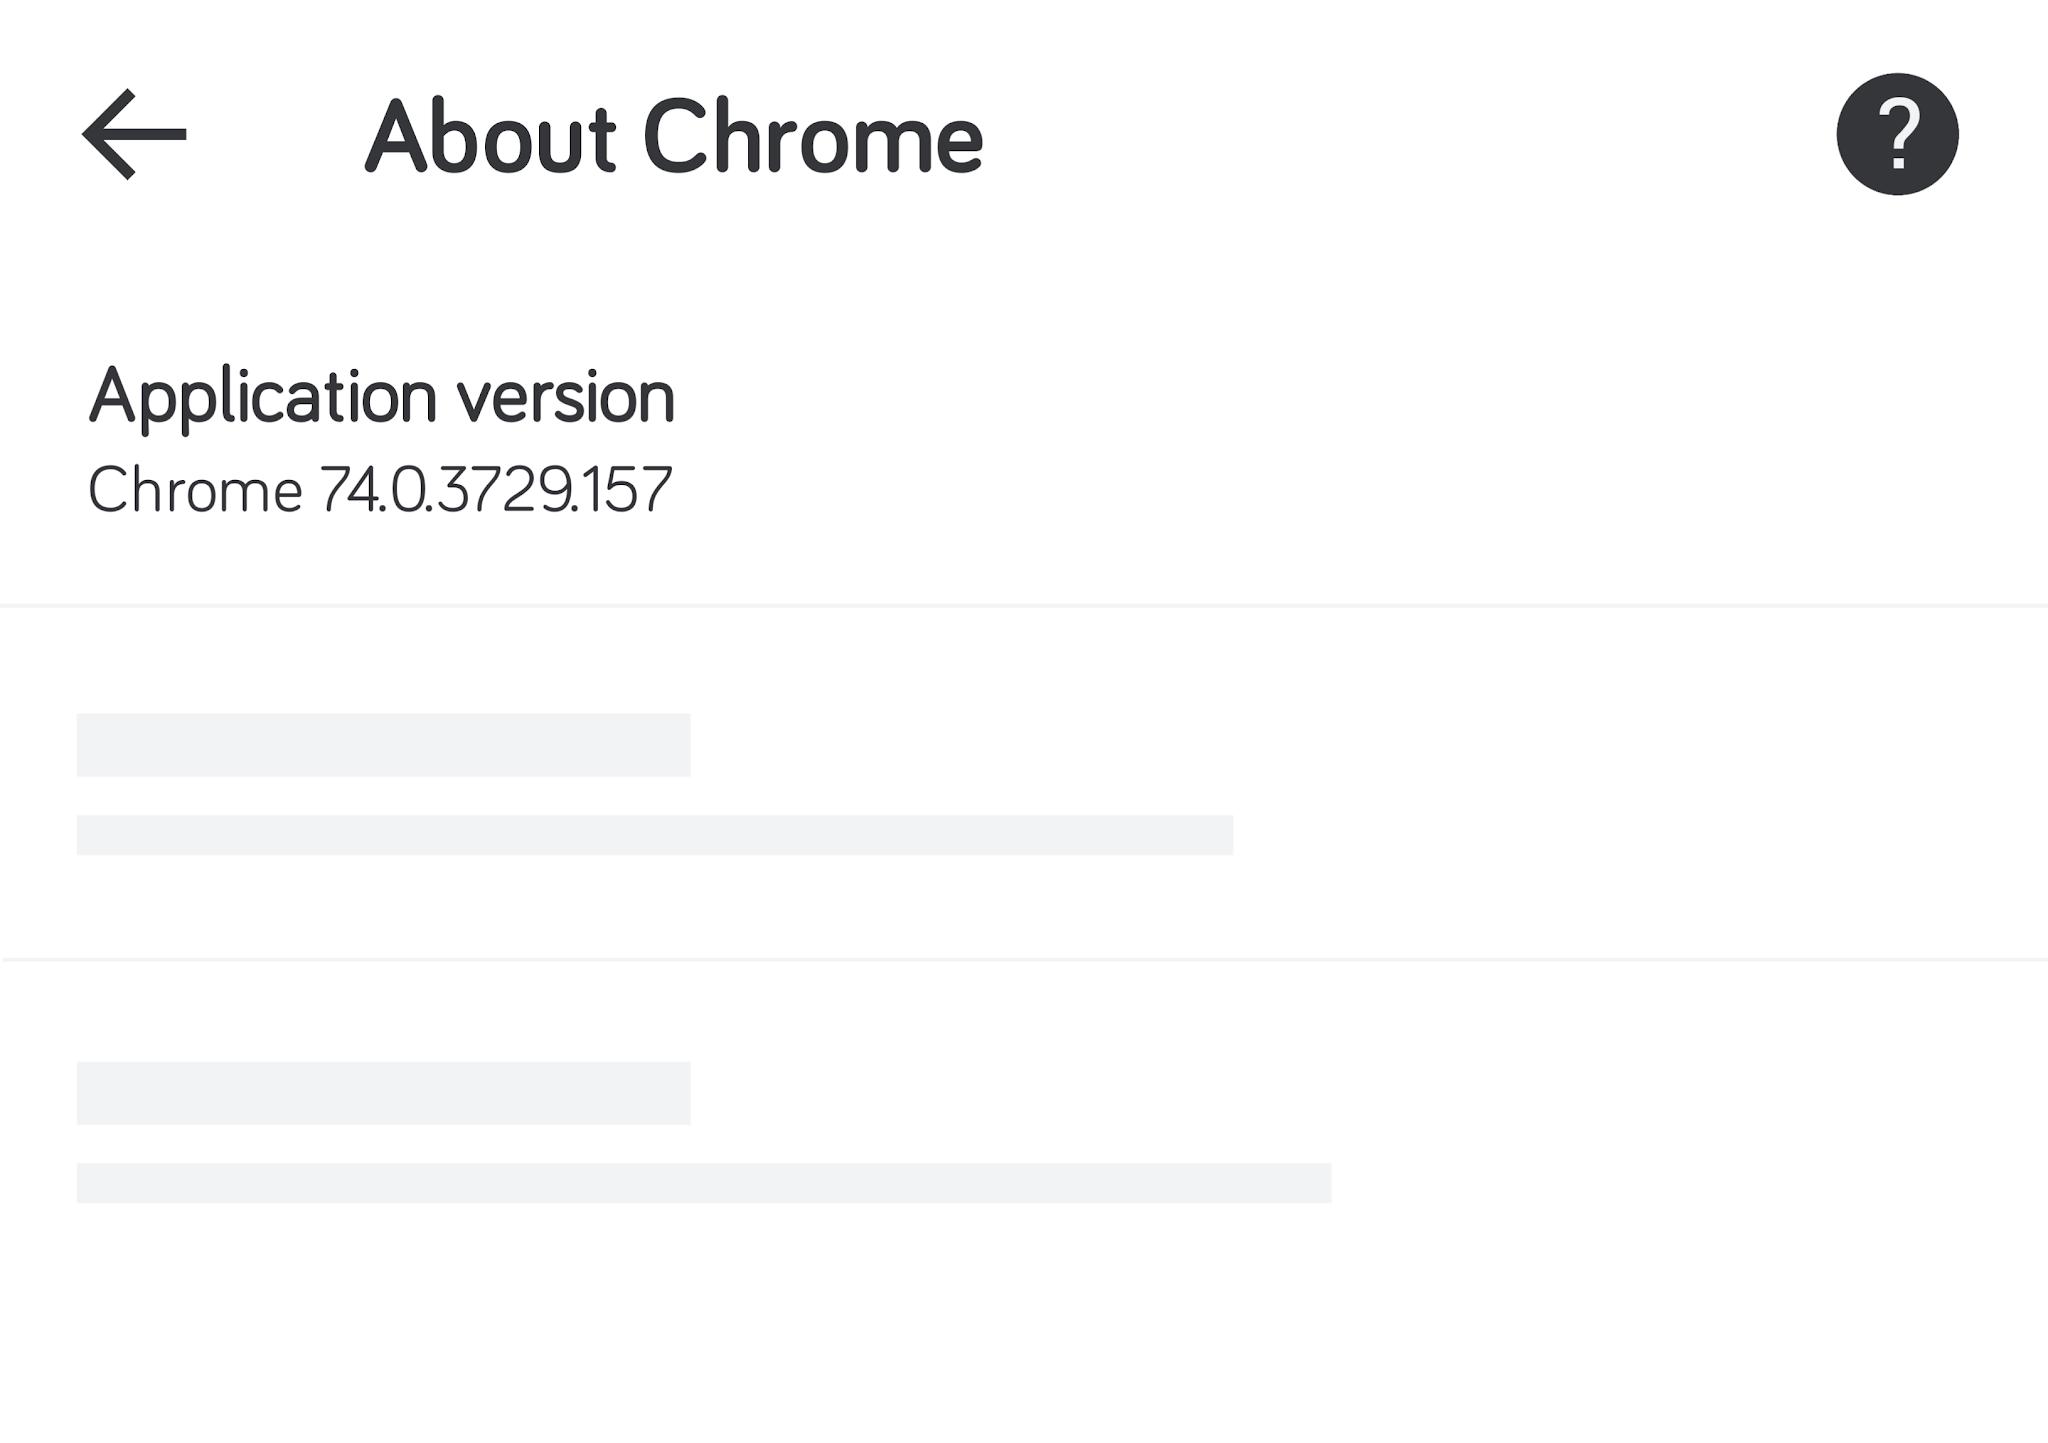 Chrome - About Chrome